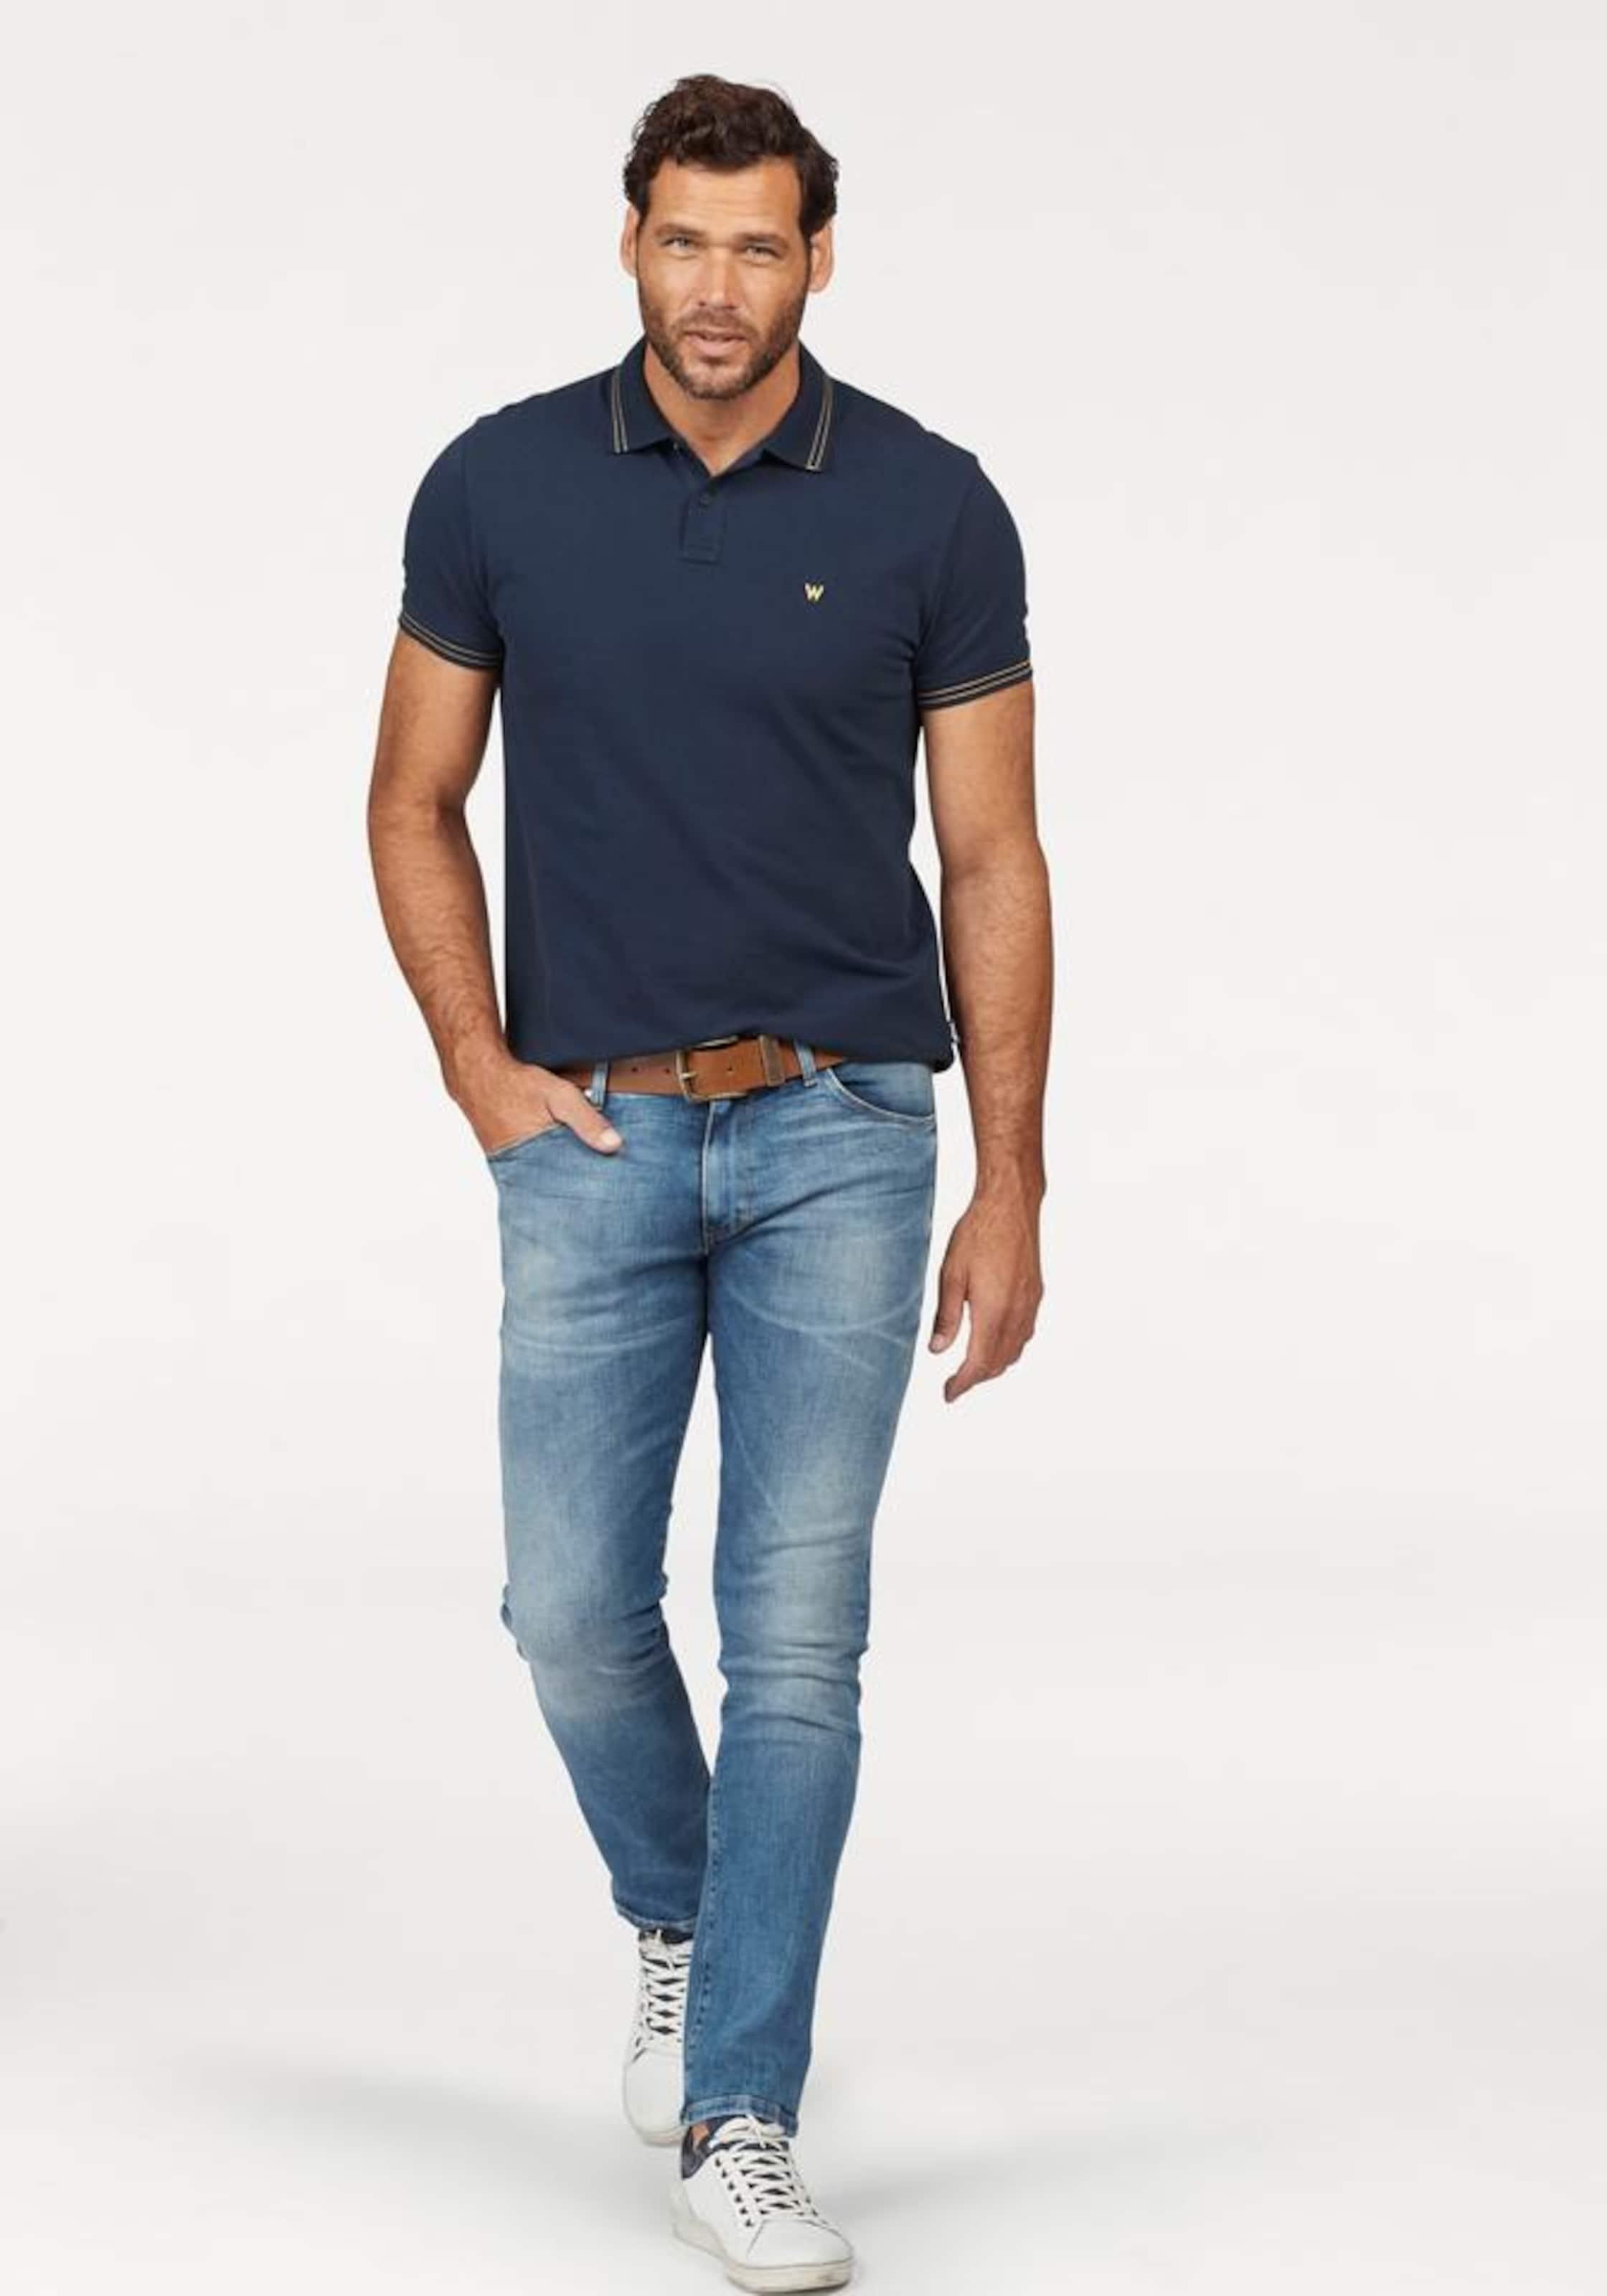 Billig Verkauf 100% Authentisch WRANGLER Slim-fit-Jeans 'Larston' Freies Verschiffen Empfehlen Modisch Günstig Kaufen Modisch Footaction Online 9dDarV5